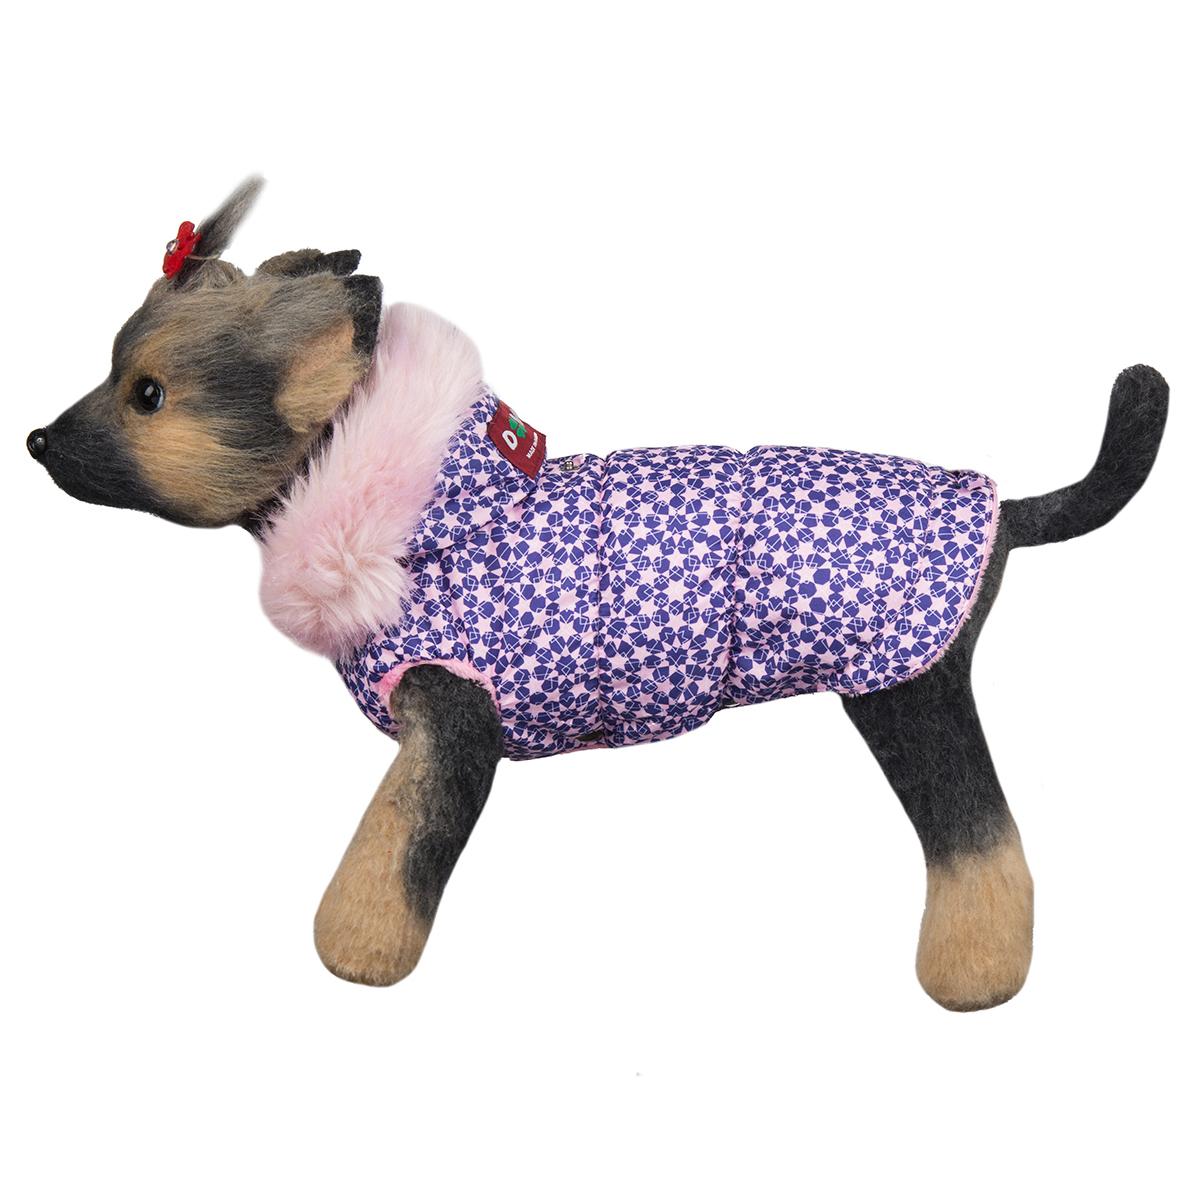 Куртка для собак Dogmoda Аляска, для девочки. Размер 3 (L)0120710Куртка для собак Dogmoda Аляска изготовлена из полиэстера водоотталкивающего типа. Для подкладки был использован синтепон и искусственный мех. Изделие легко одевается и снимается, не доставляя неприятных минут хозяину и его питомцу. Технология пошива аляски не стесняет движений и позволяет весело бегать наперегонки с четвероногими друзьями. Непрерывный теплообмен обеспечивает сохранение свежести кожного покрова, который у маленьких собачек особенно чувствителен и уязвим. Светлые, мягкие и яркие тона аляски будут гармонировать с веселостью и подвижностью домашнего любимца на прогулке. Одежда надежно защитит собачку от пронизывающей зимней стужи и позволит от души наслаждаться свежим снегом и длительным пребыванием на прогулке в морозный день.